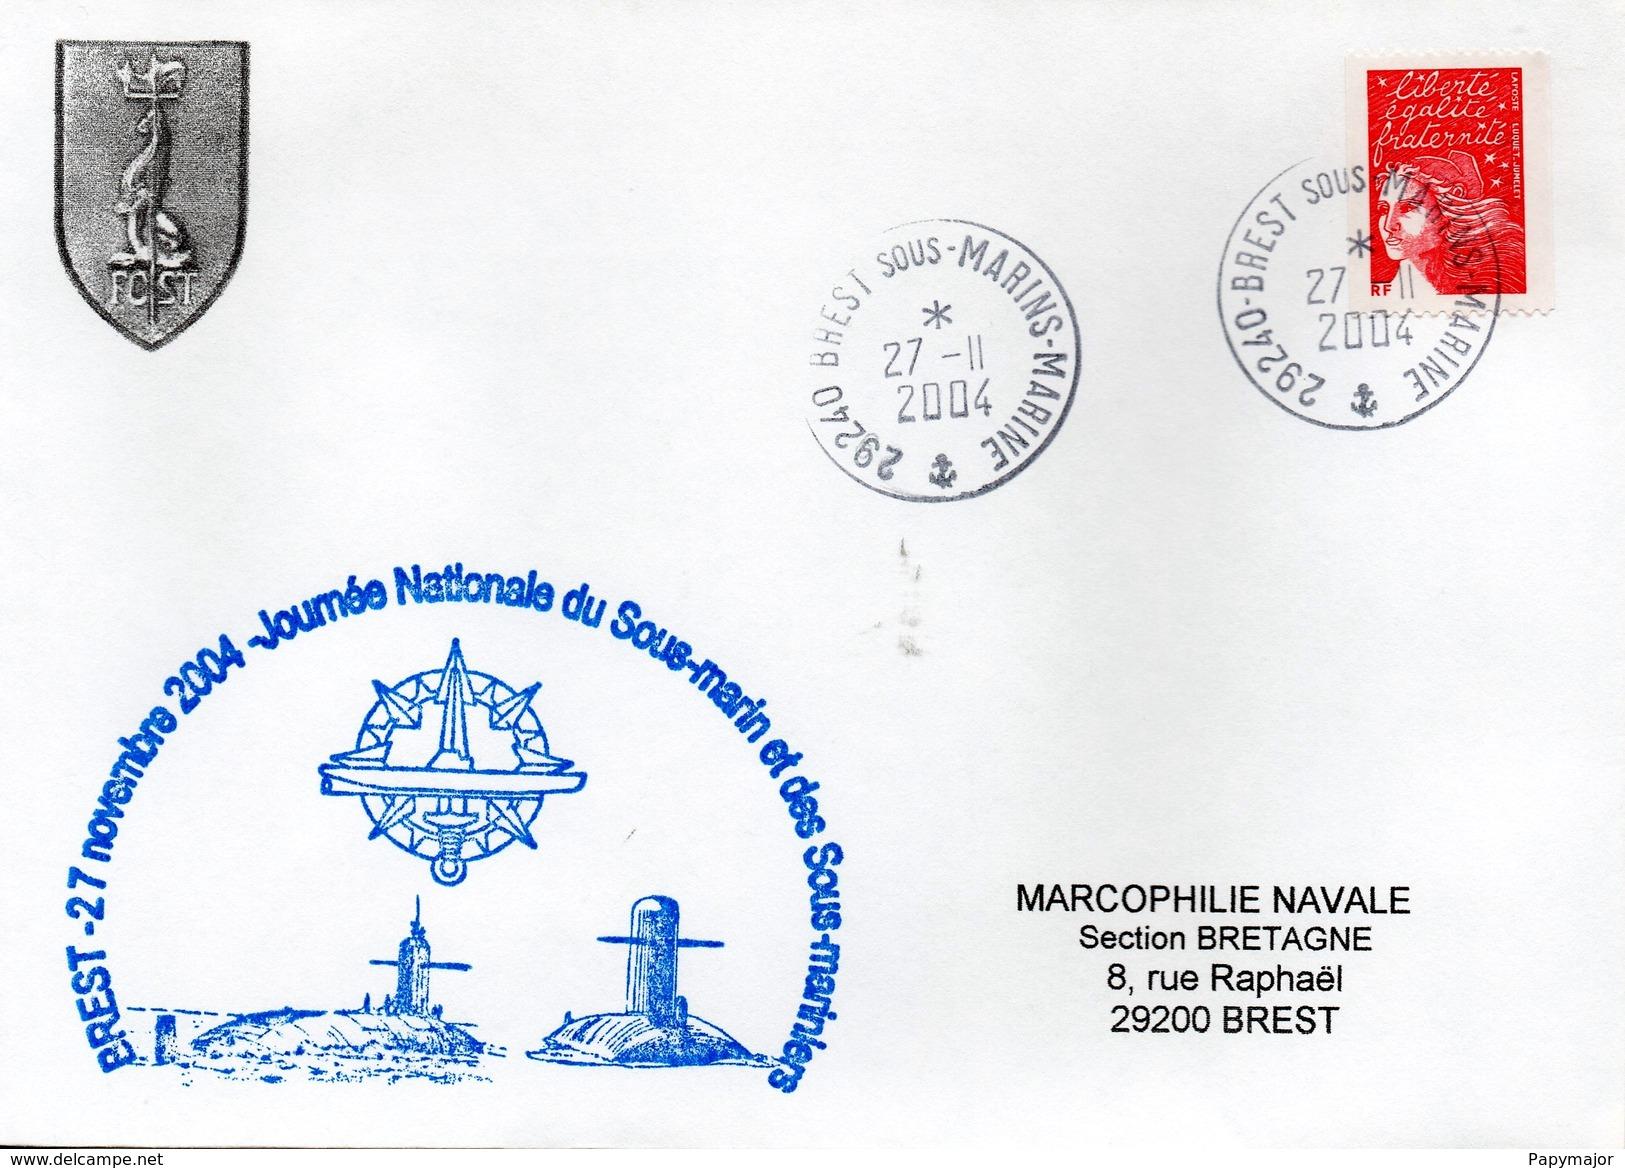 Marcophilie Navale - Enveloppe - Journée Nationale Du Sous-marin - Brest 27 Novembre 2004 - Boten